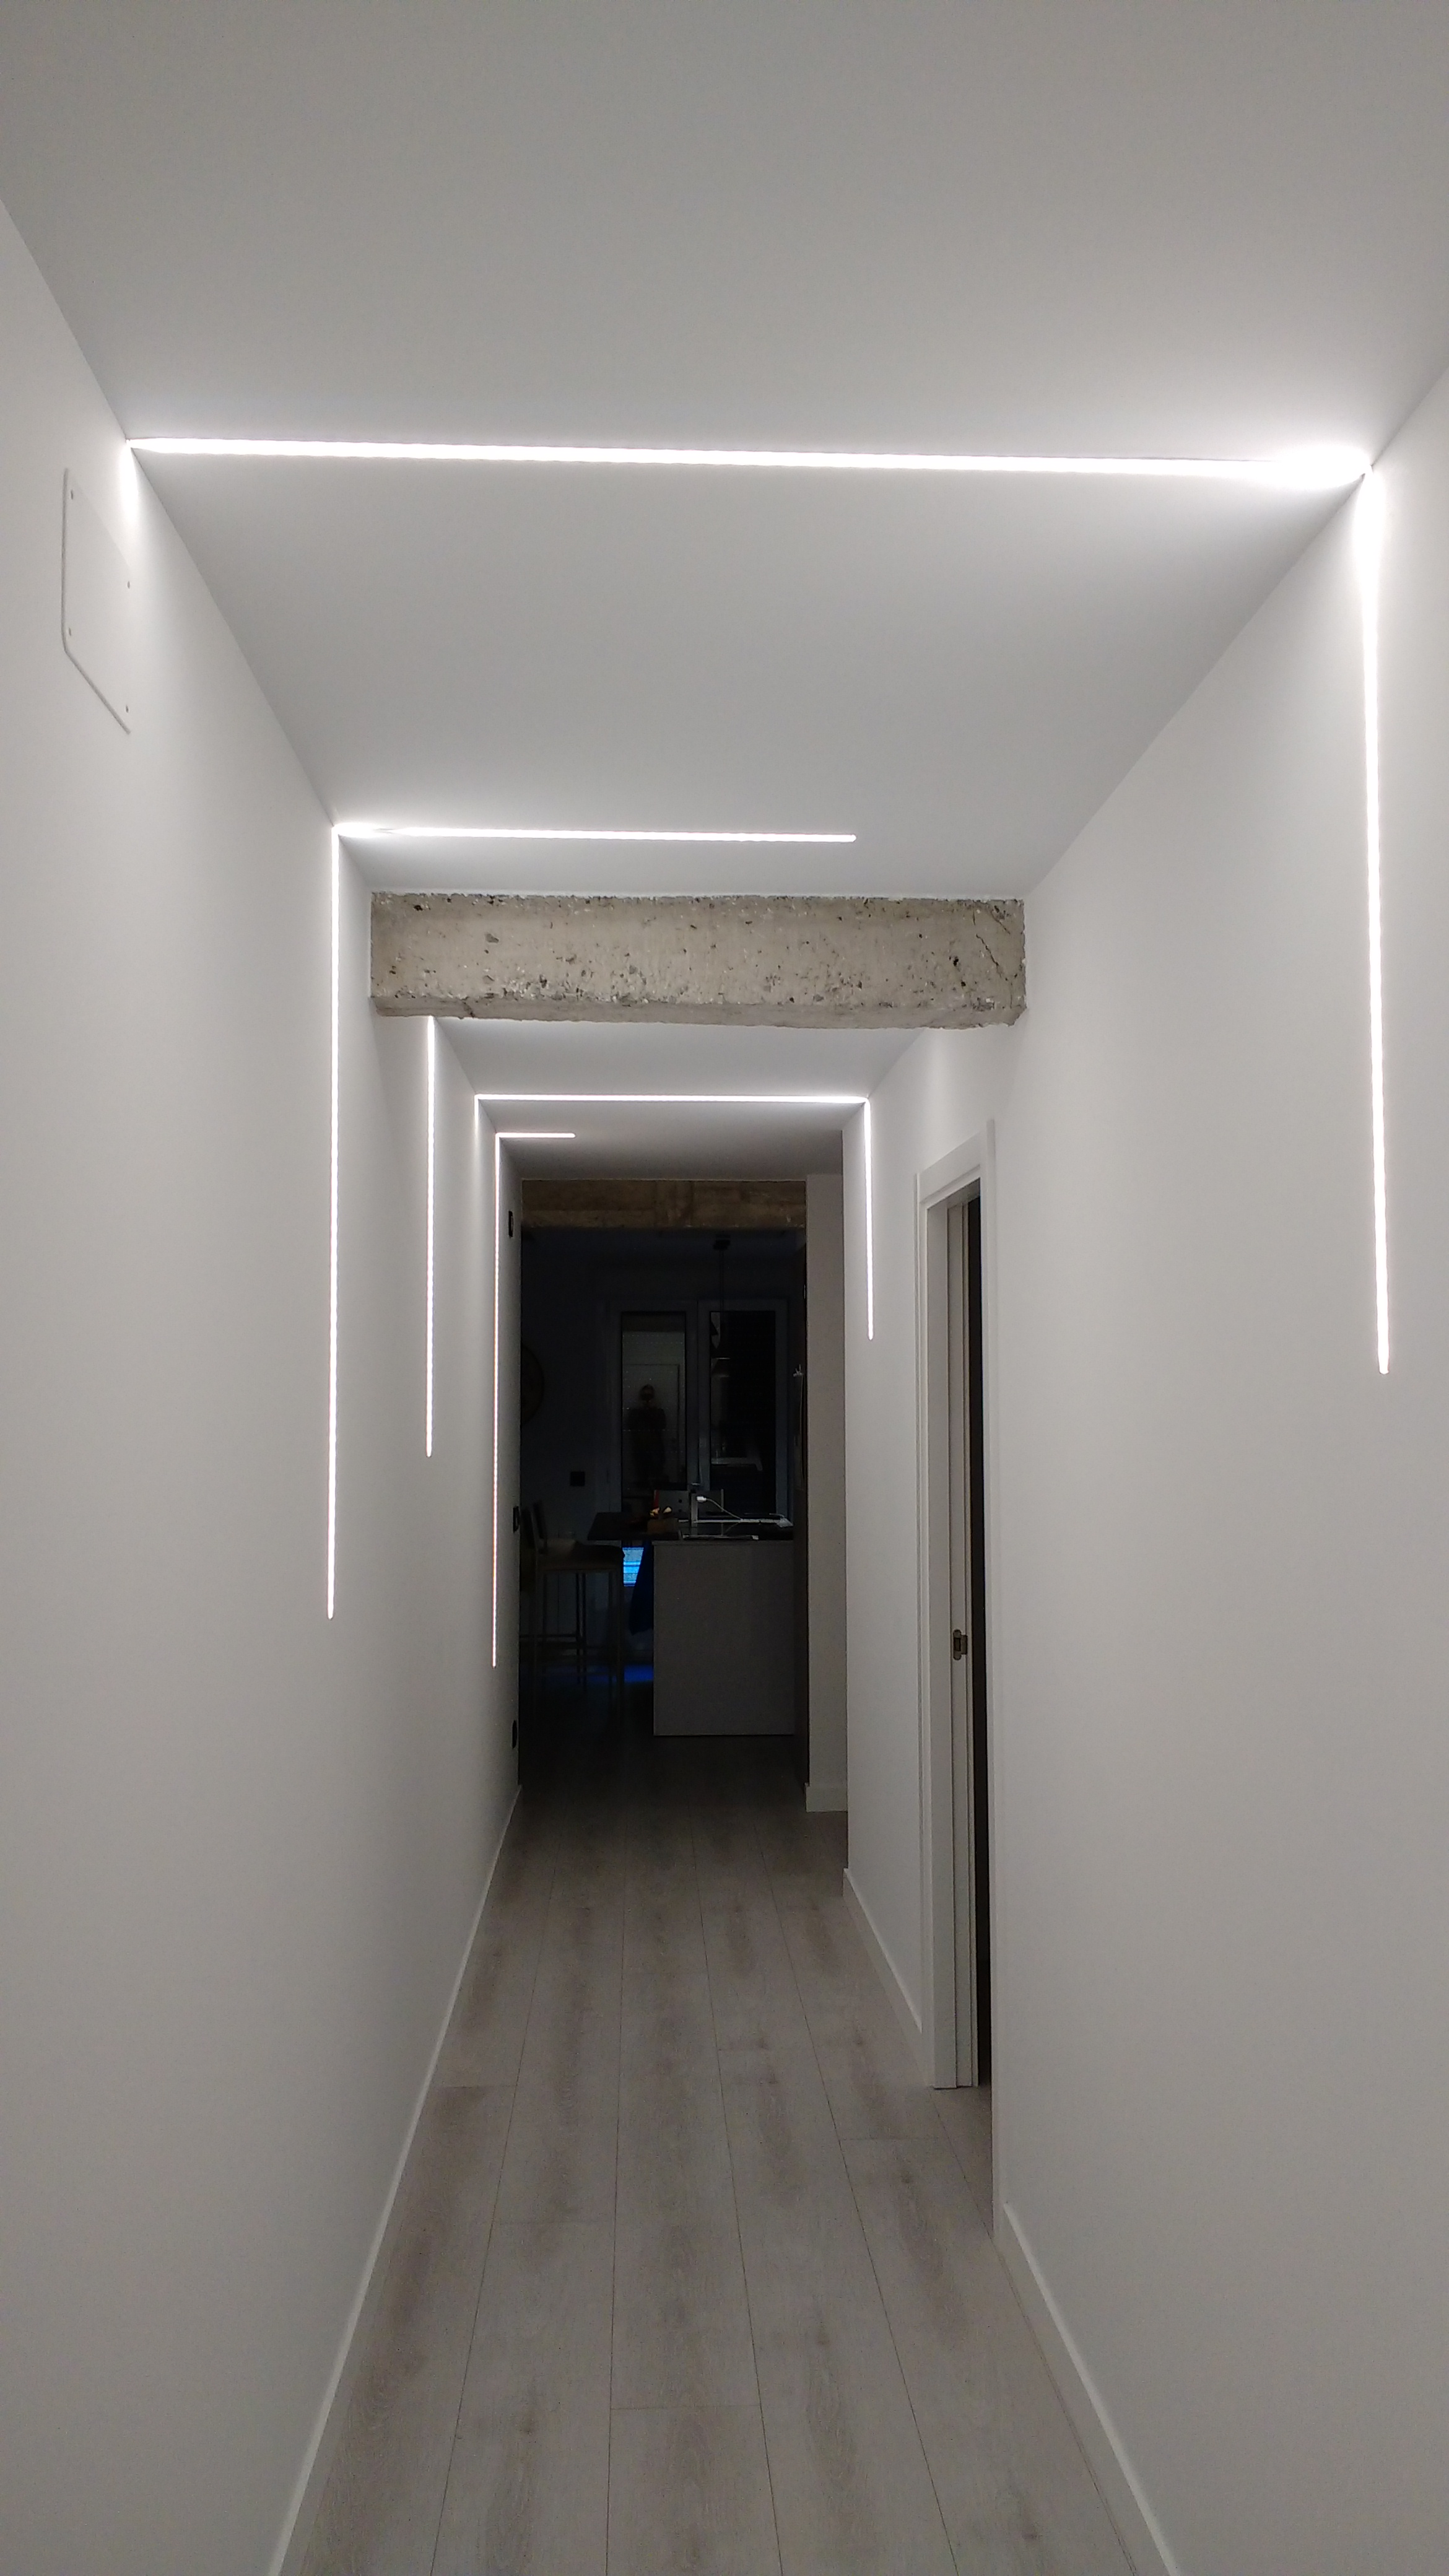 Iluminación del pasillo